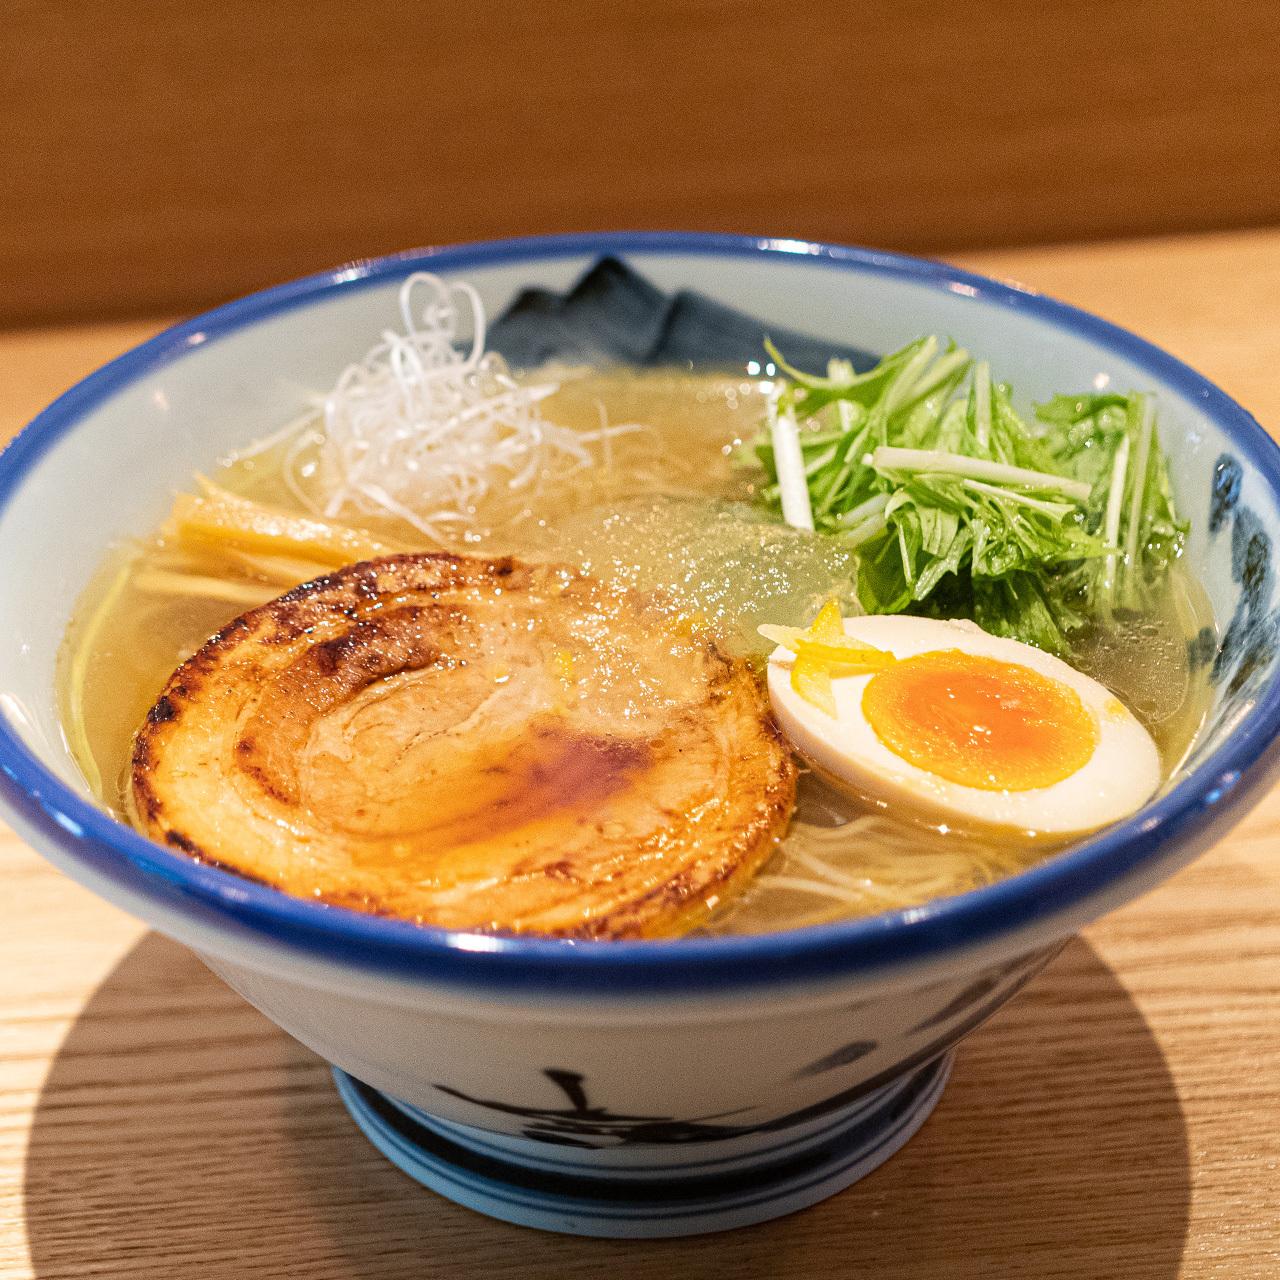 冷やし柚子塩麺 3食入り